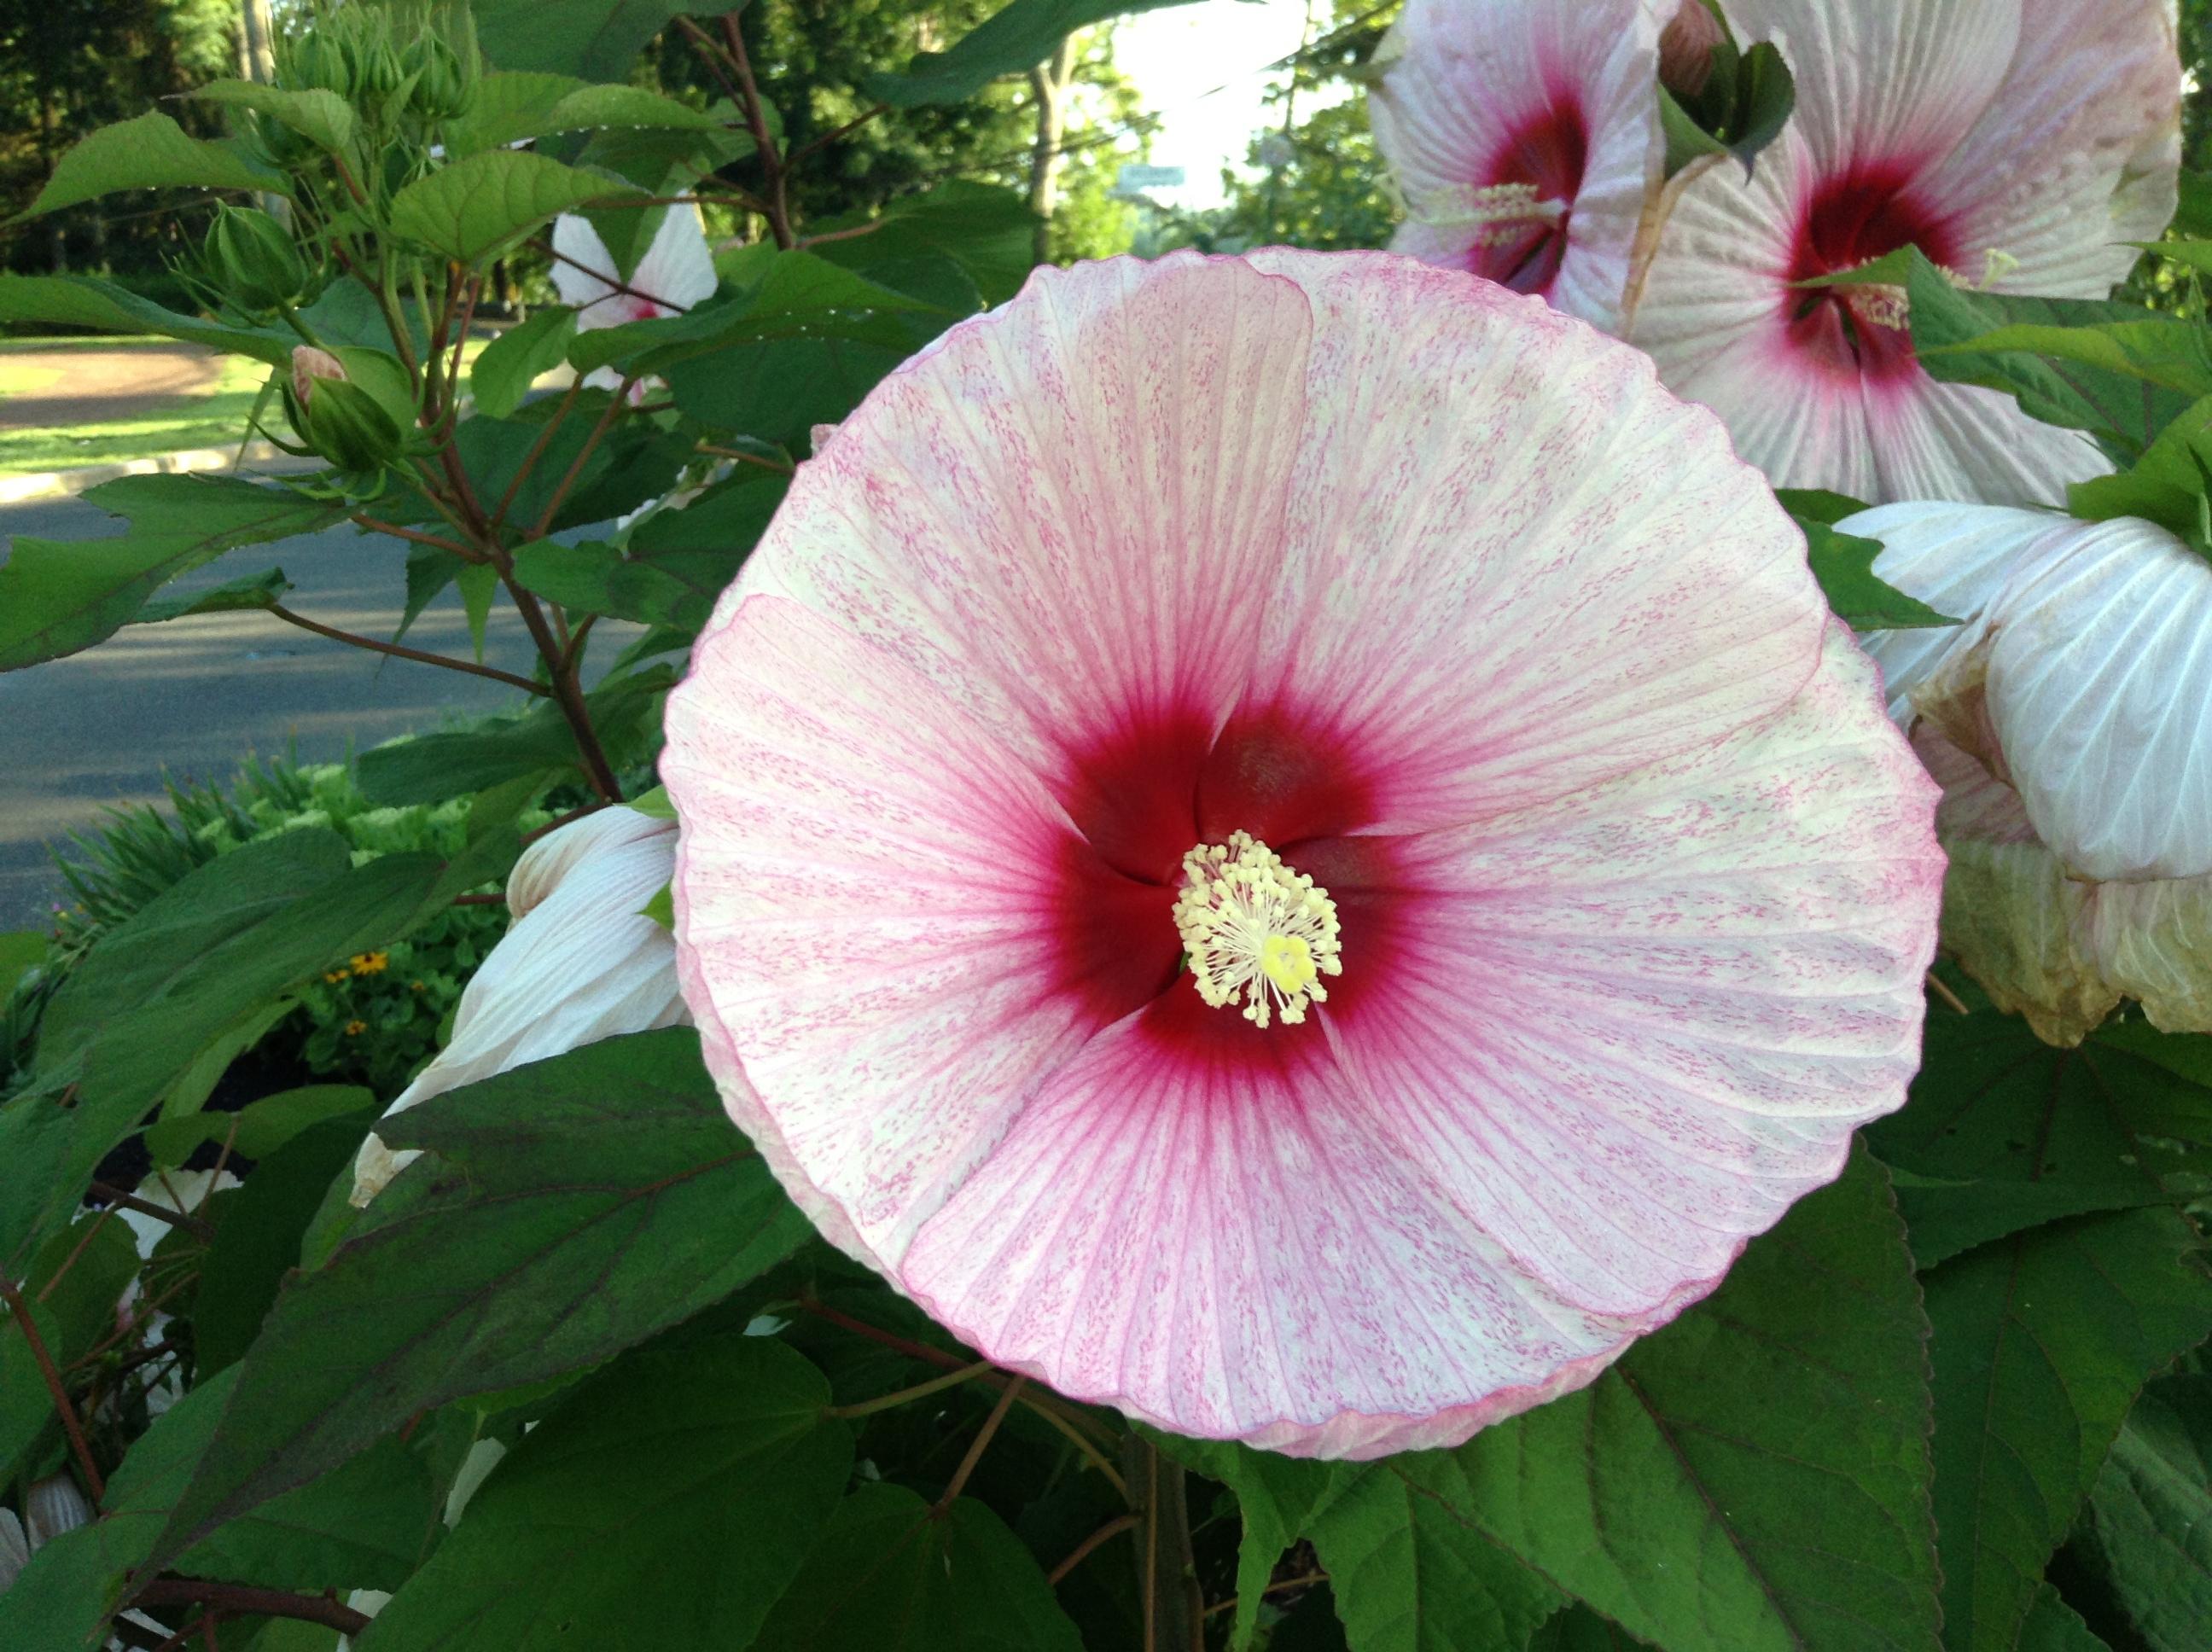 Hibiscus Pictures